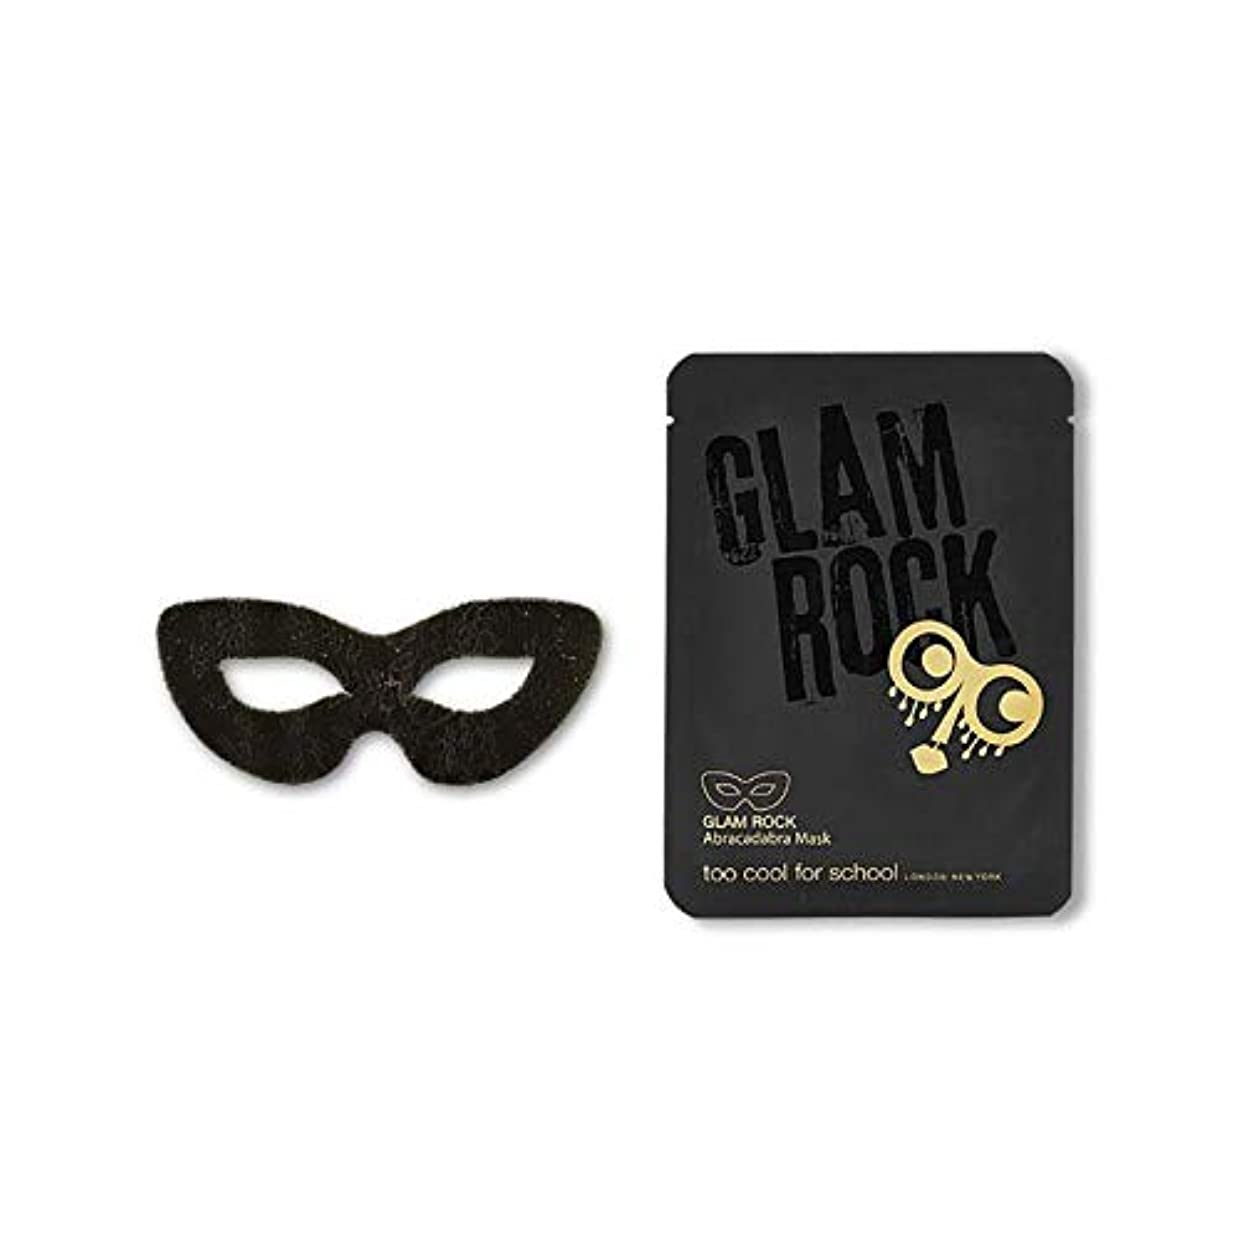 おびえた時々時々交通渋滞TOO COOL FOR SCHOOL Glam Rock Abracadabra Mask (並行輸入品)